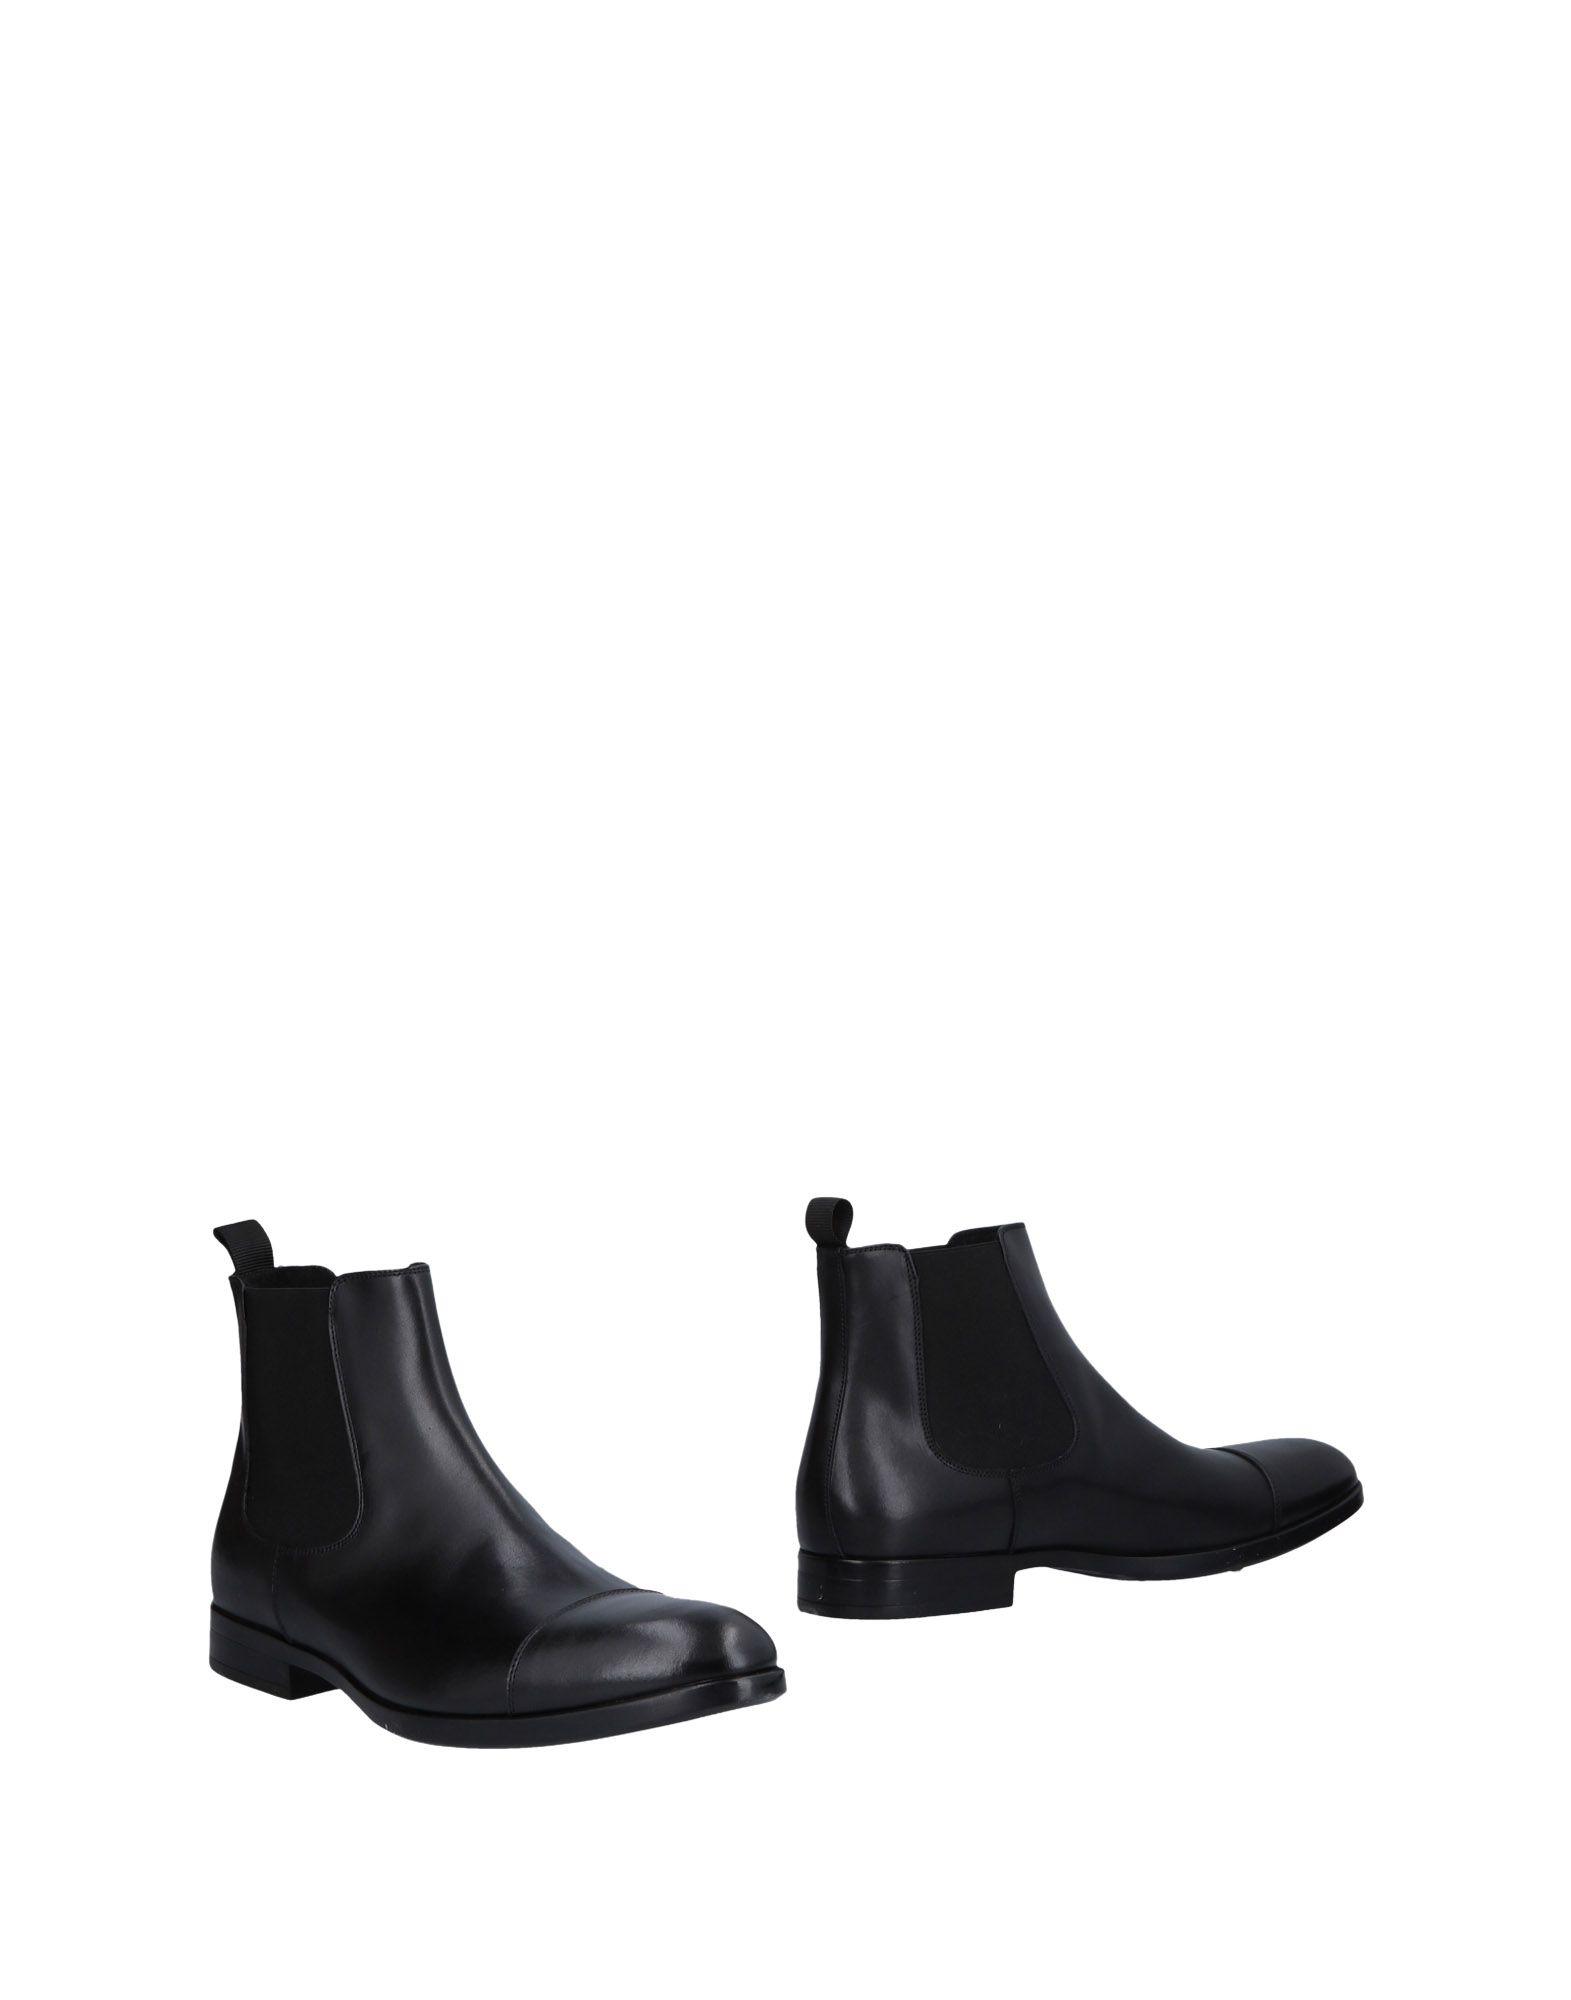 Giovanni Conti Stiefelette Herren  11471497JG Gute Qualität beliebte Schuhe